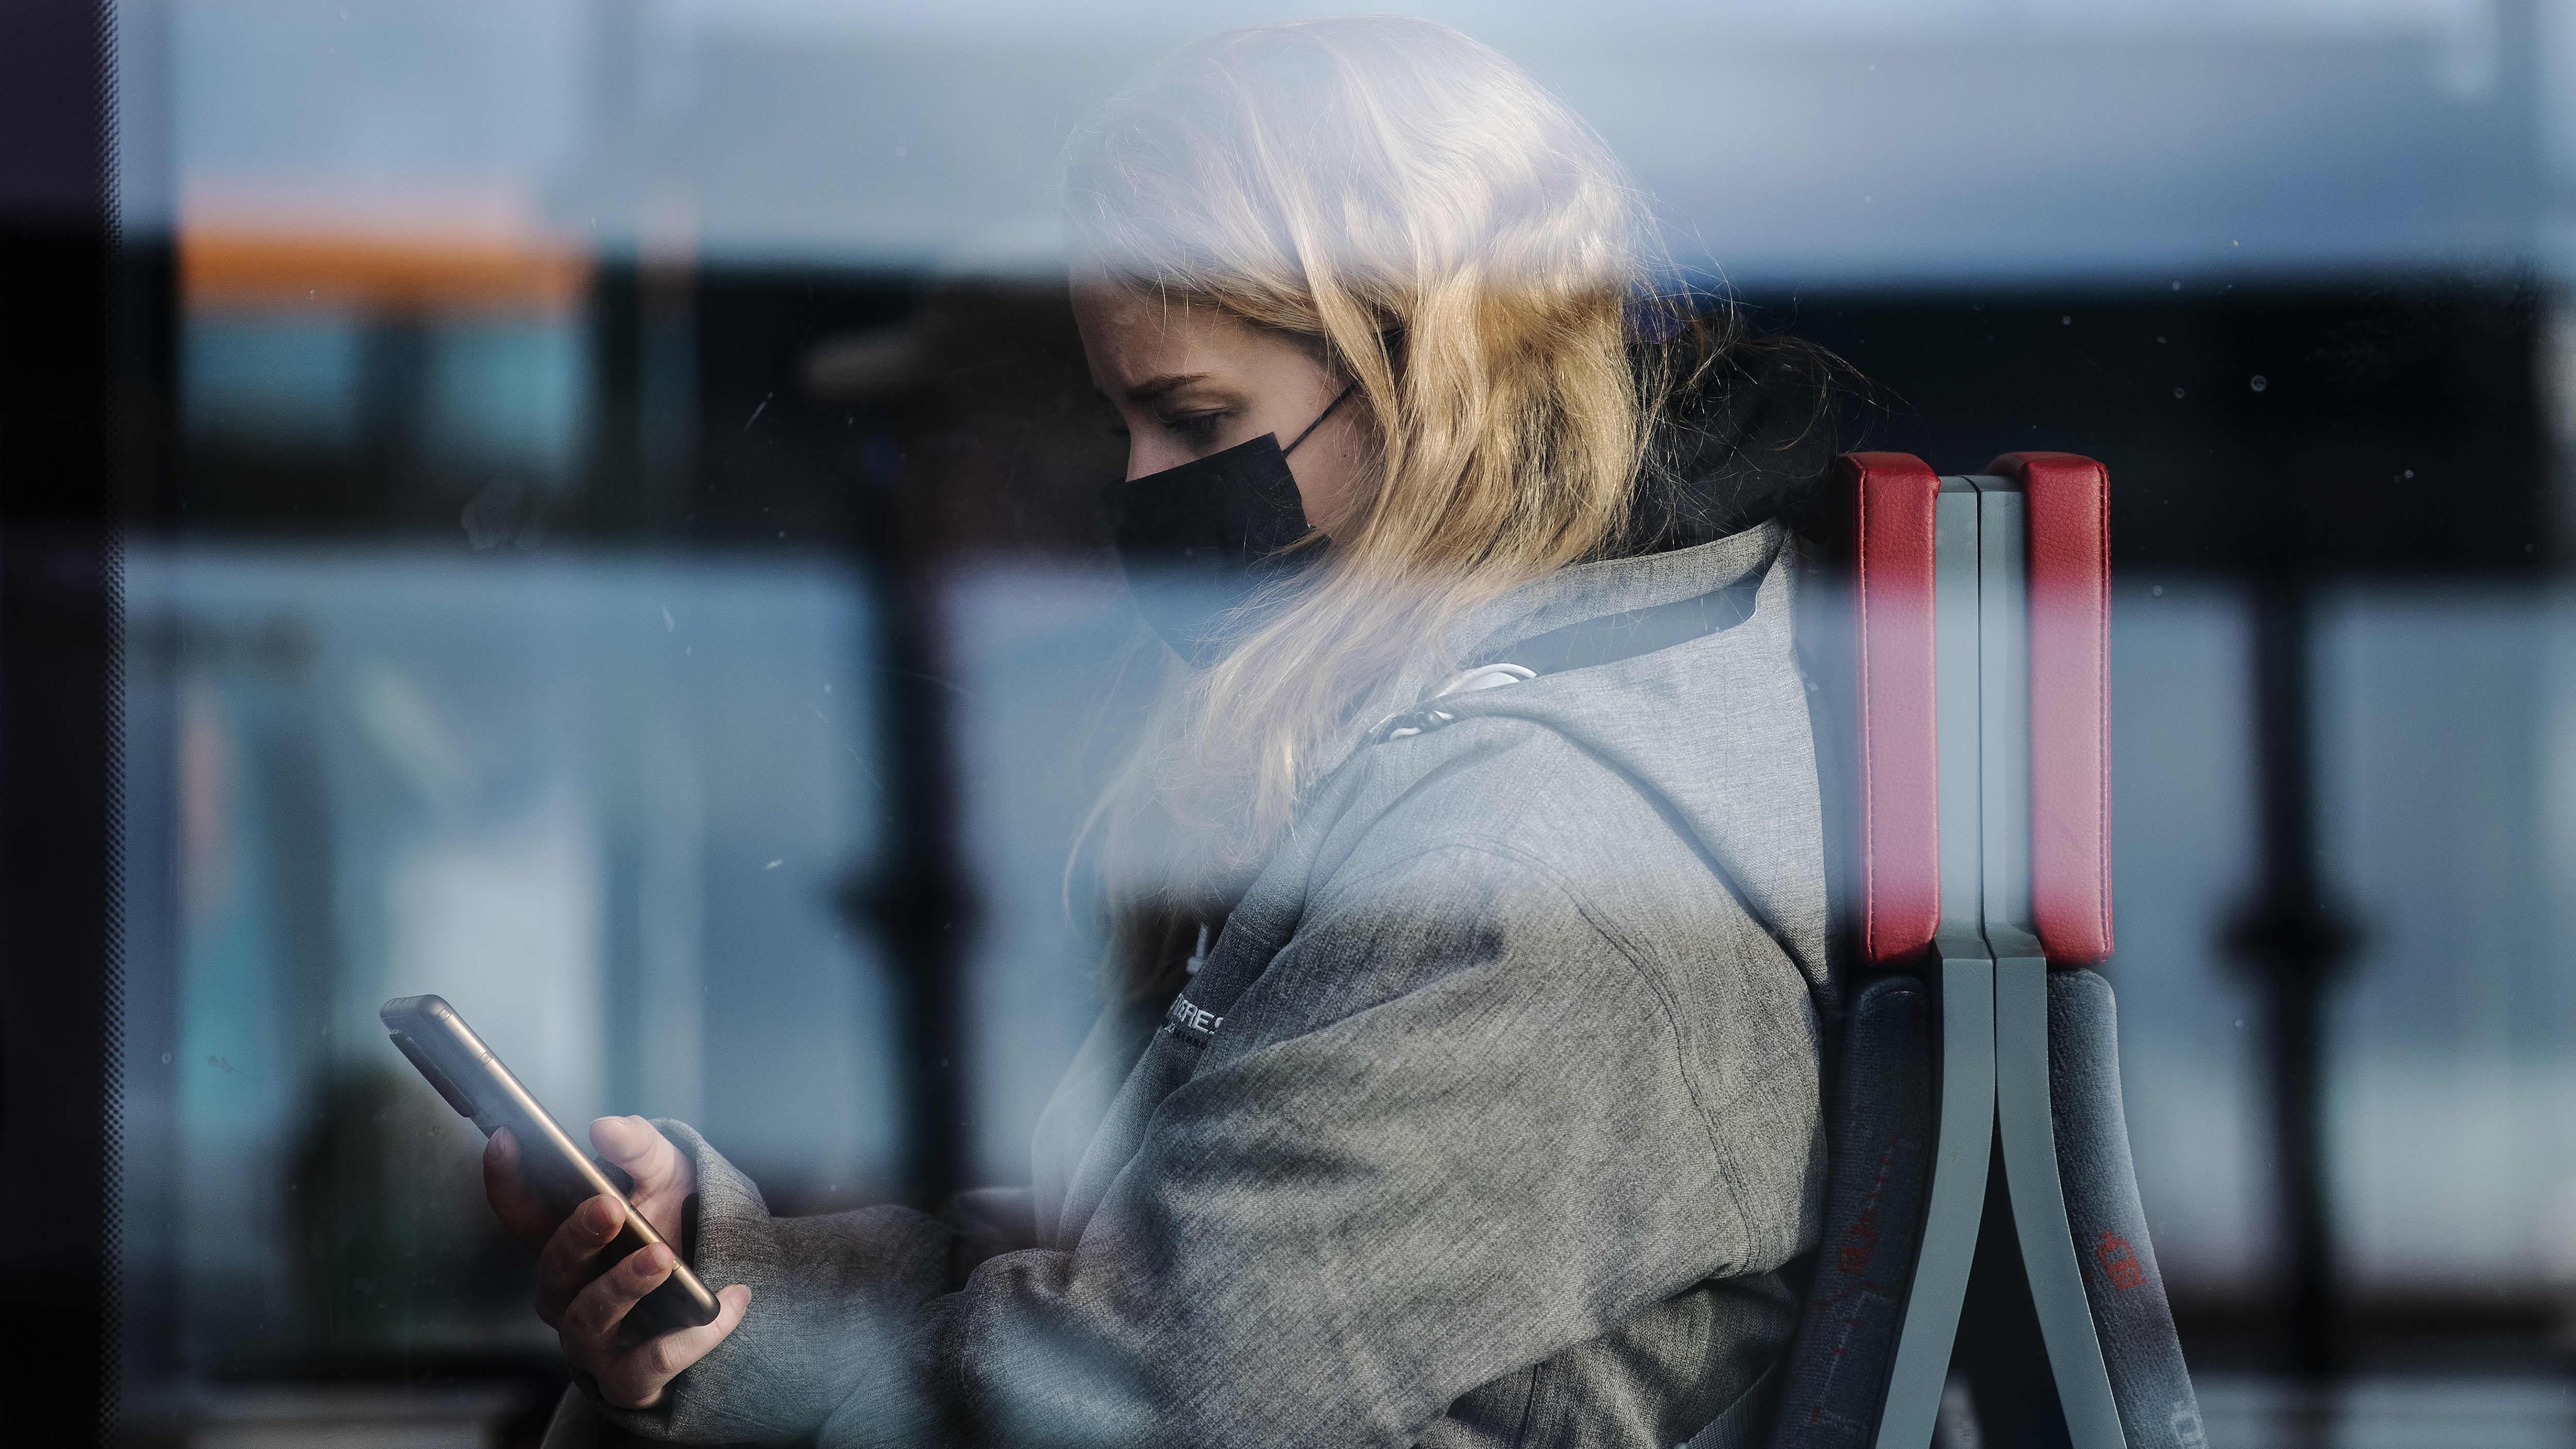 Suomalaiset eivät ota paineita uusista maskisuosituksista